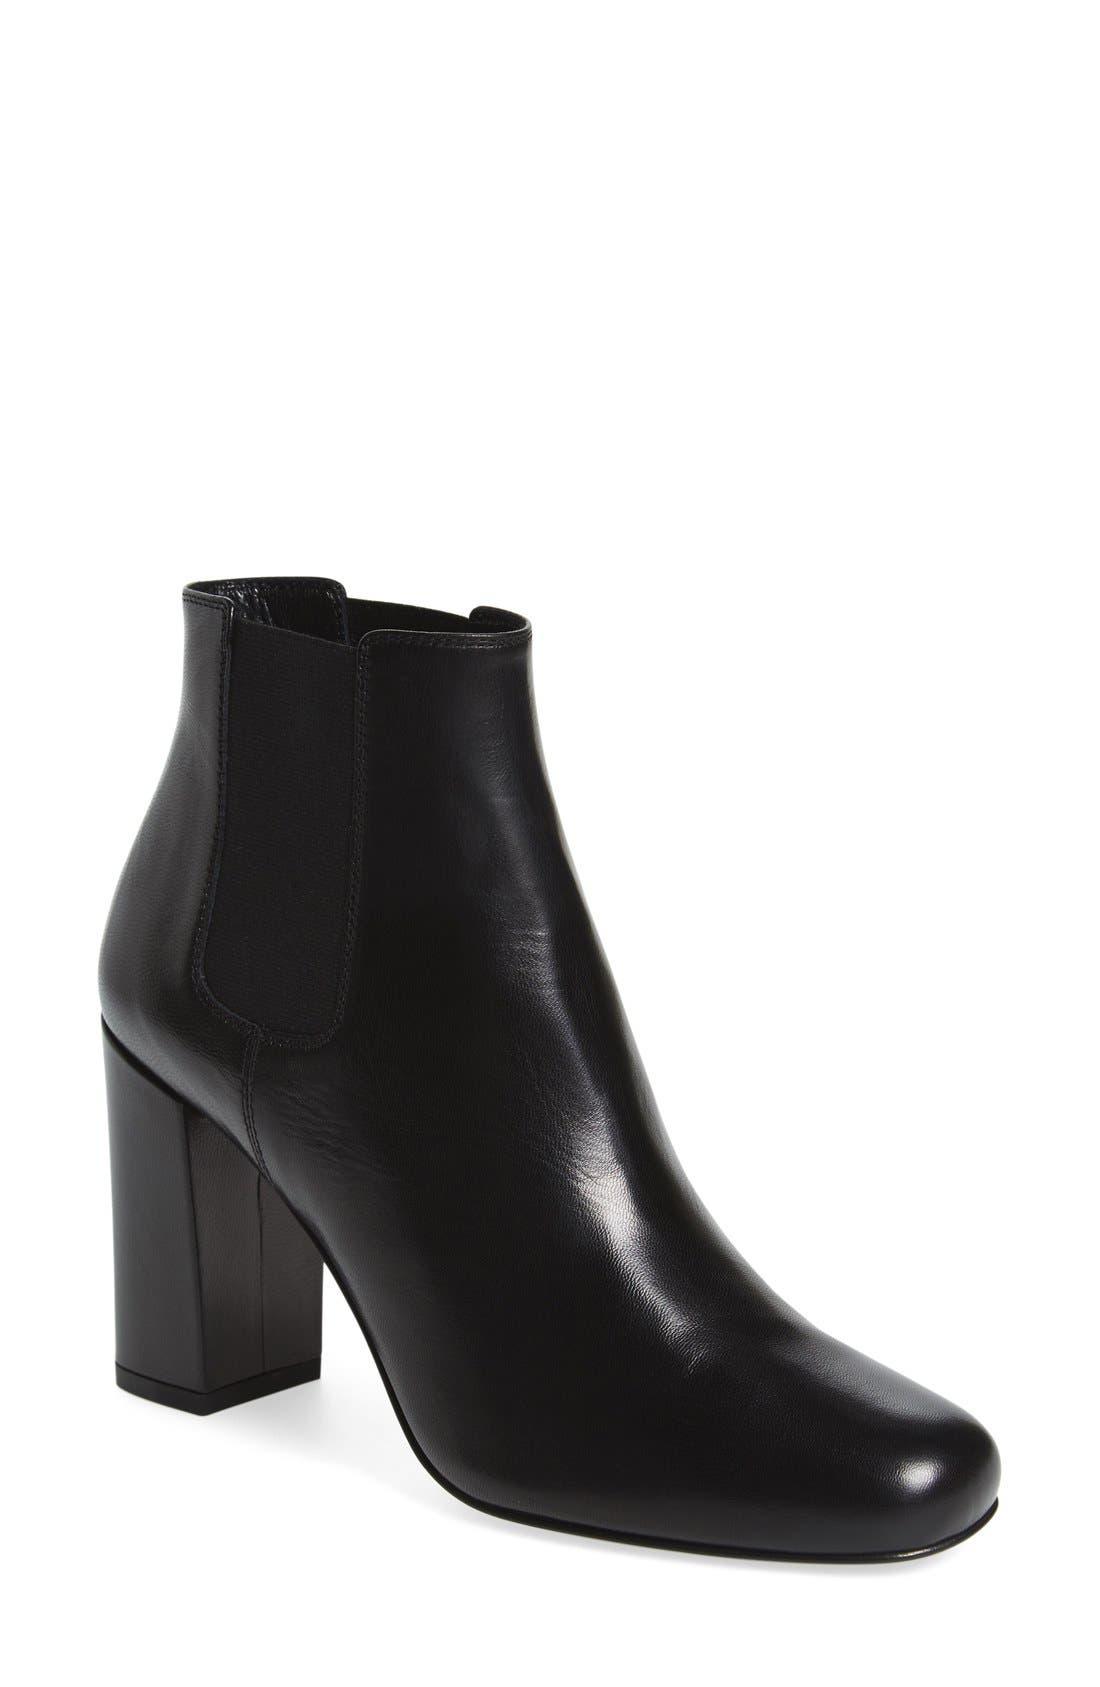 Main Image - Saint Laurent 'Babies' Block Heel Chelsea Boot (Women)